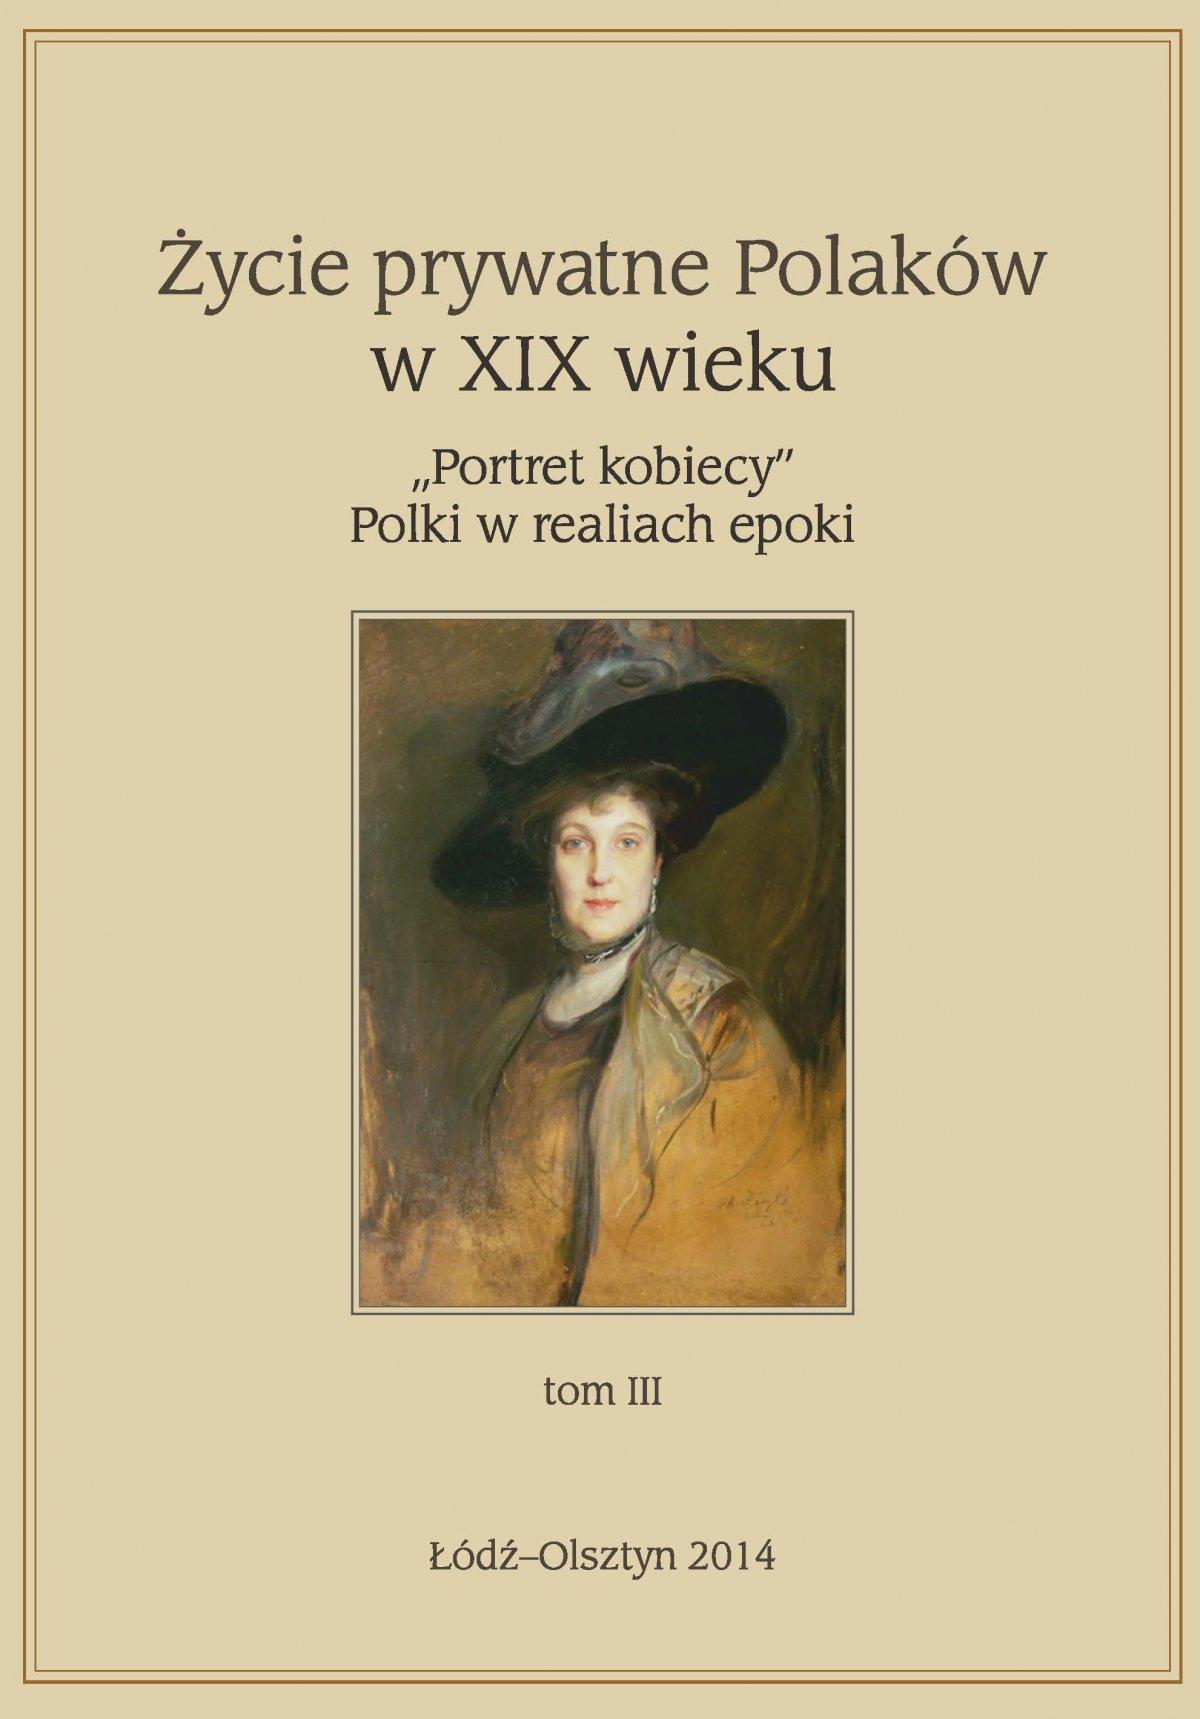 """Życie prywatne Polaków w XIX w. """"Portret kobiecy"""" Polki w realiach epoki. Tom 3 - Ebook (Książka na Kindle) do pobrania w formacie MOBI"""